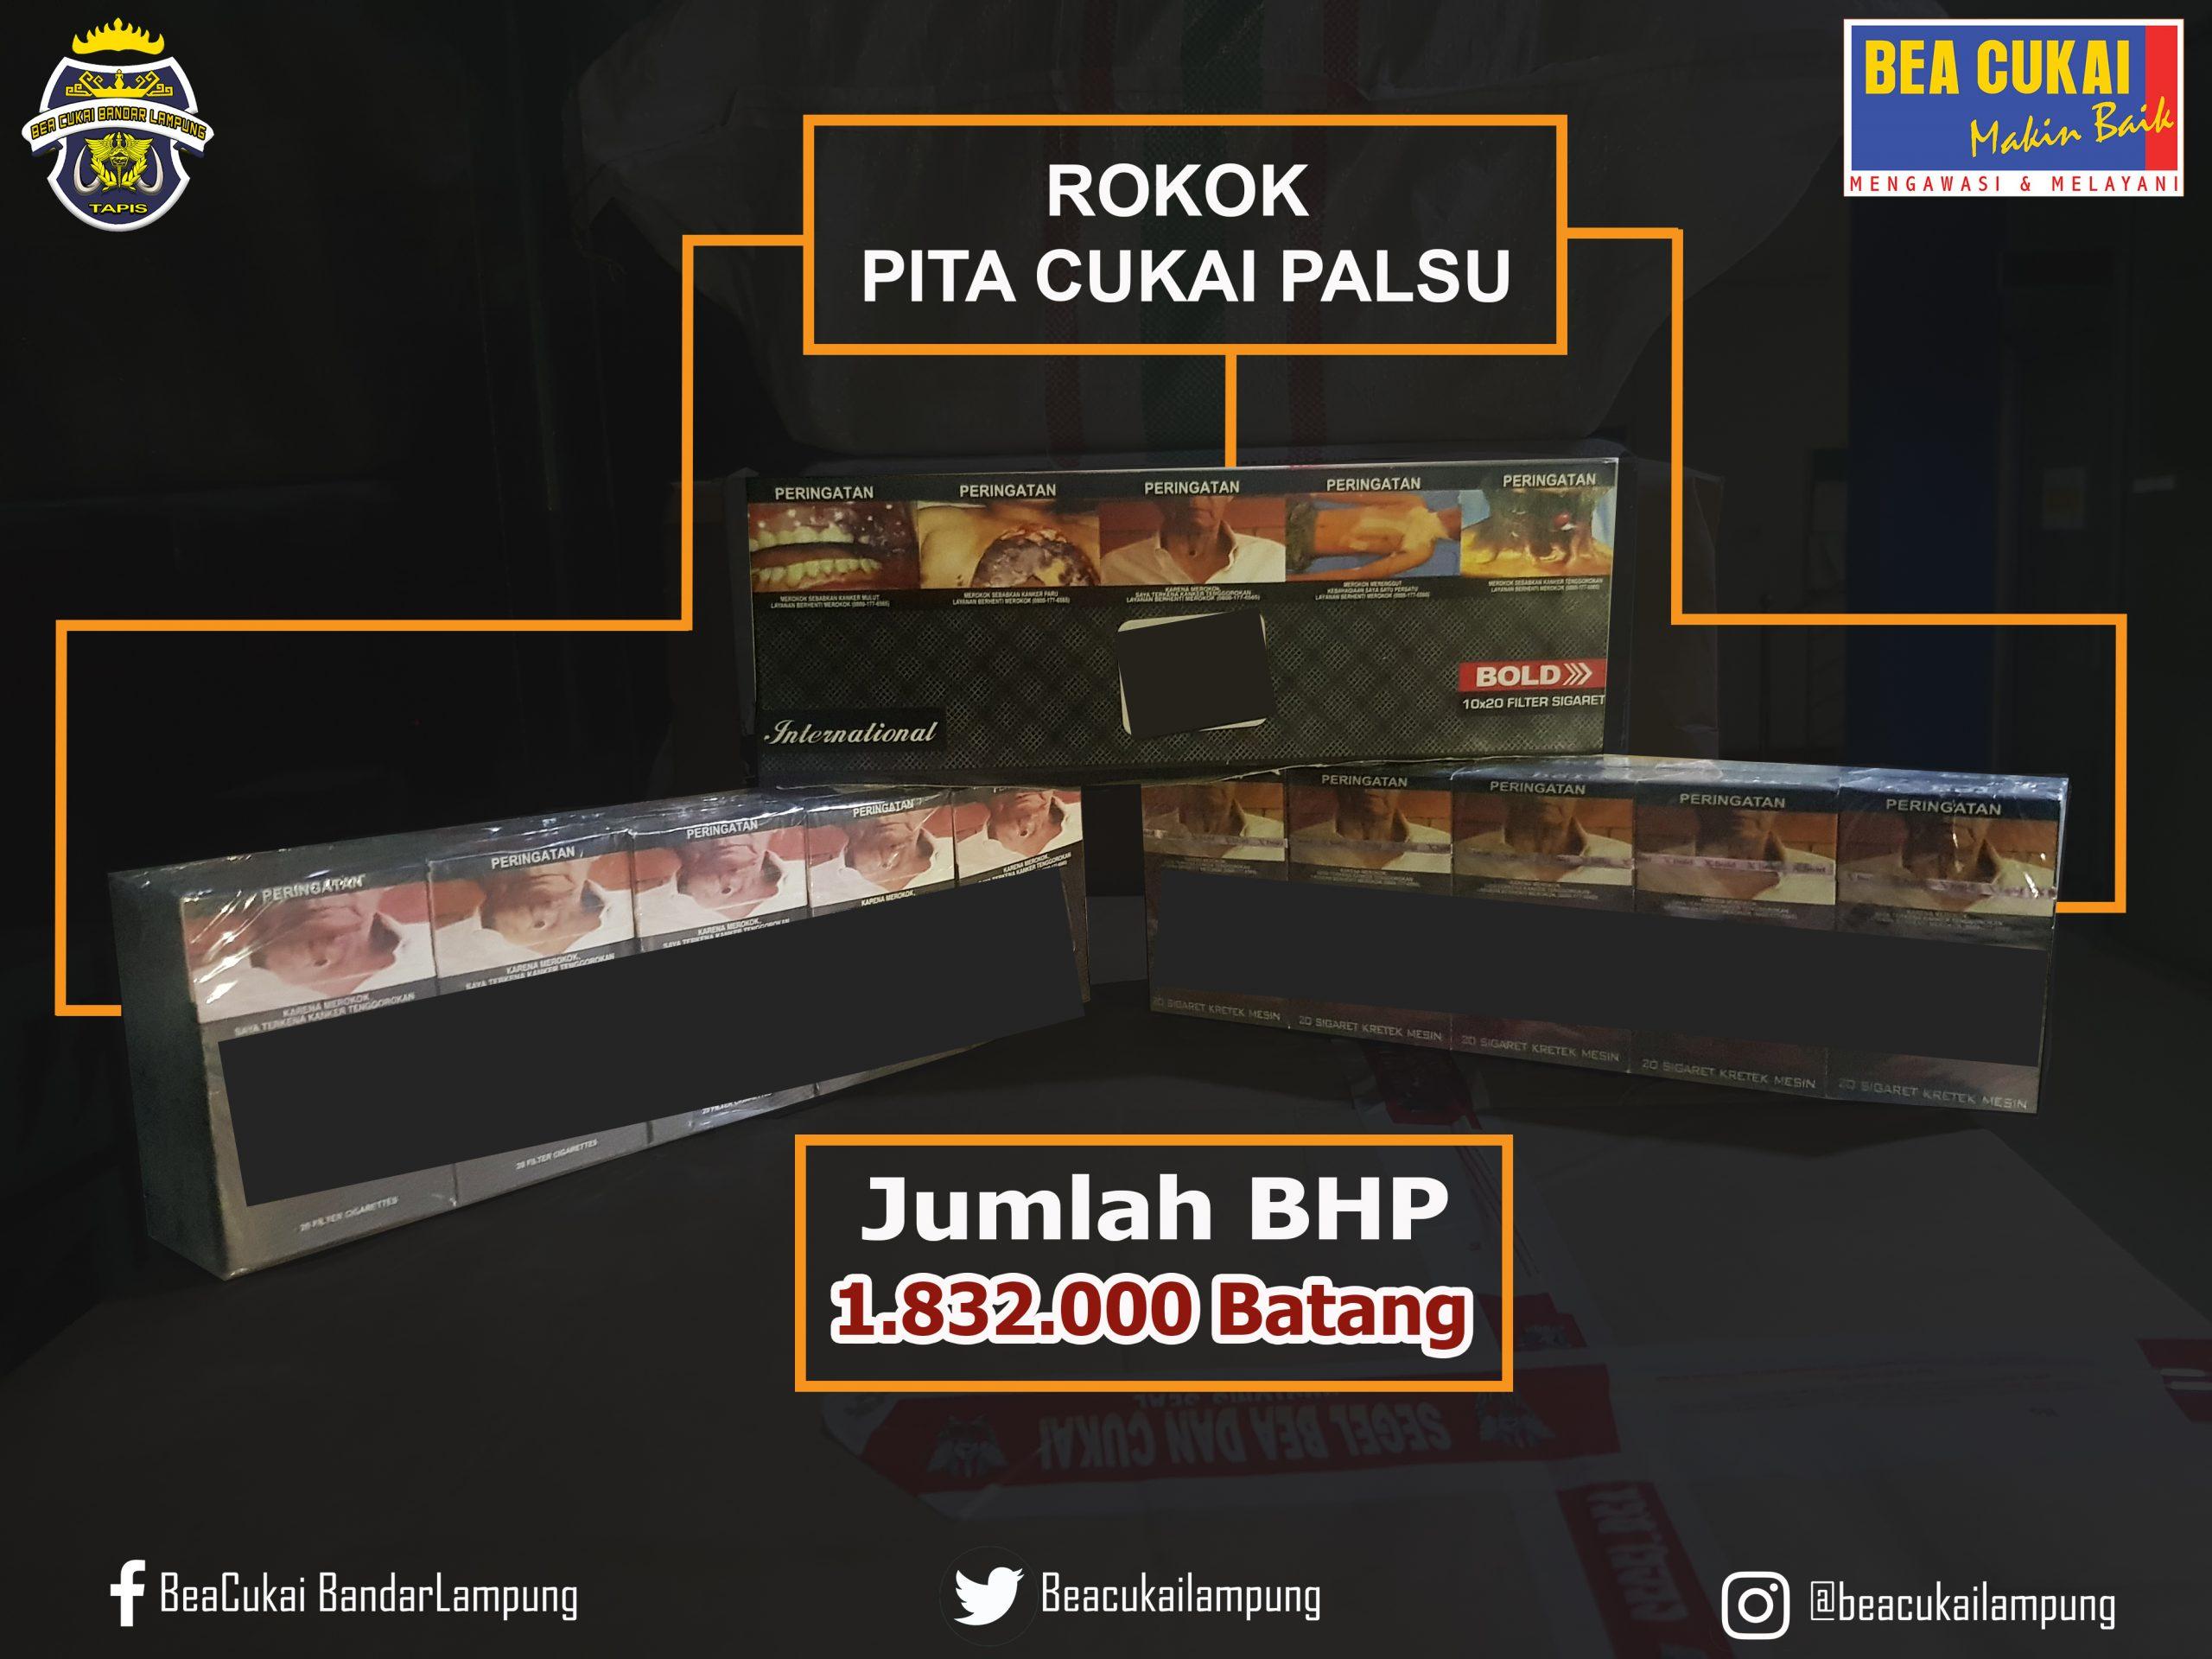 Gagal kabur dari Petugas, Bea Cukai Bandar Lampung Berhasil Amankan Jutaan Batang Rokok Ilegal